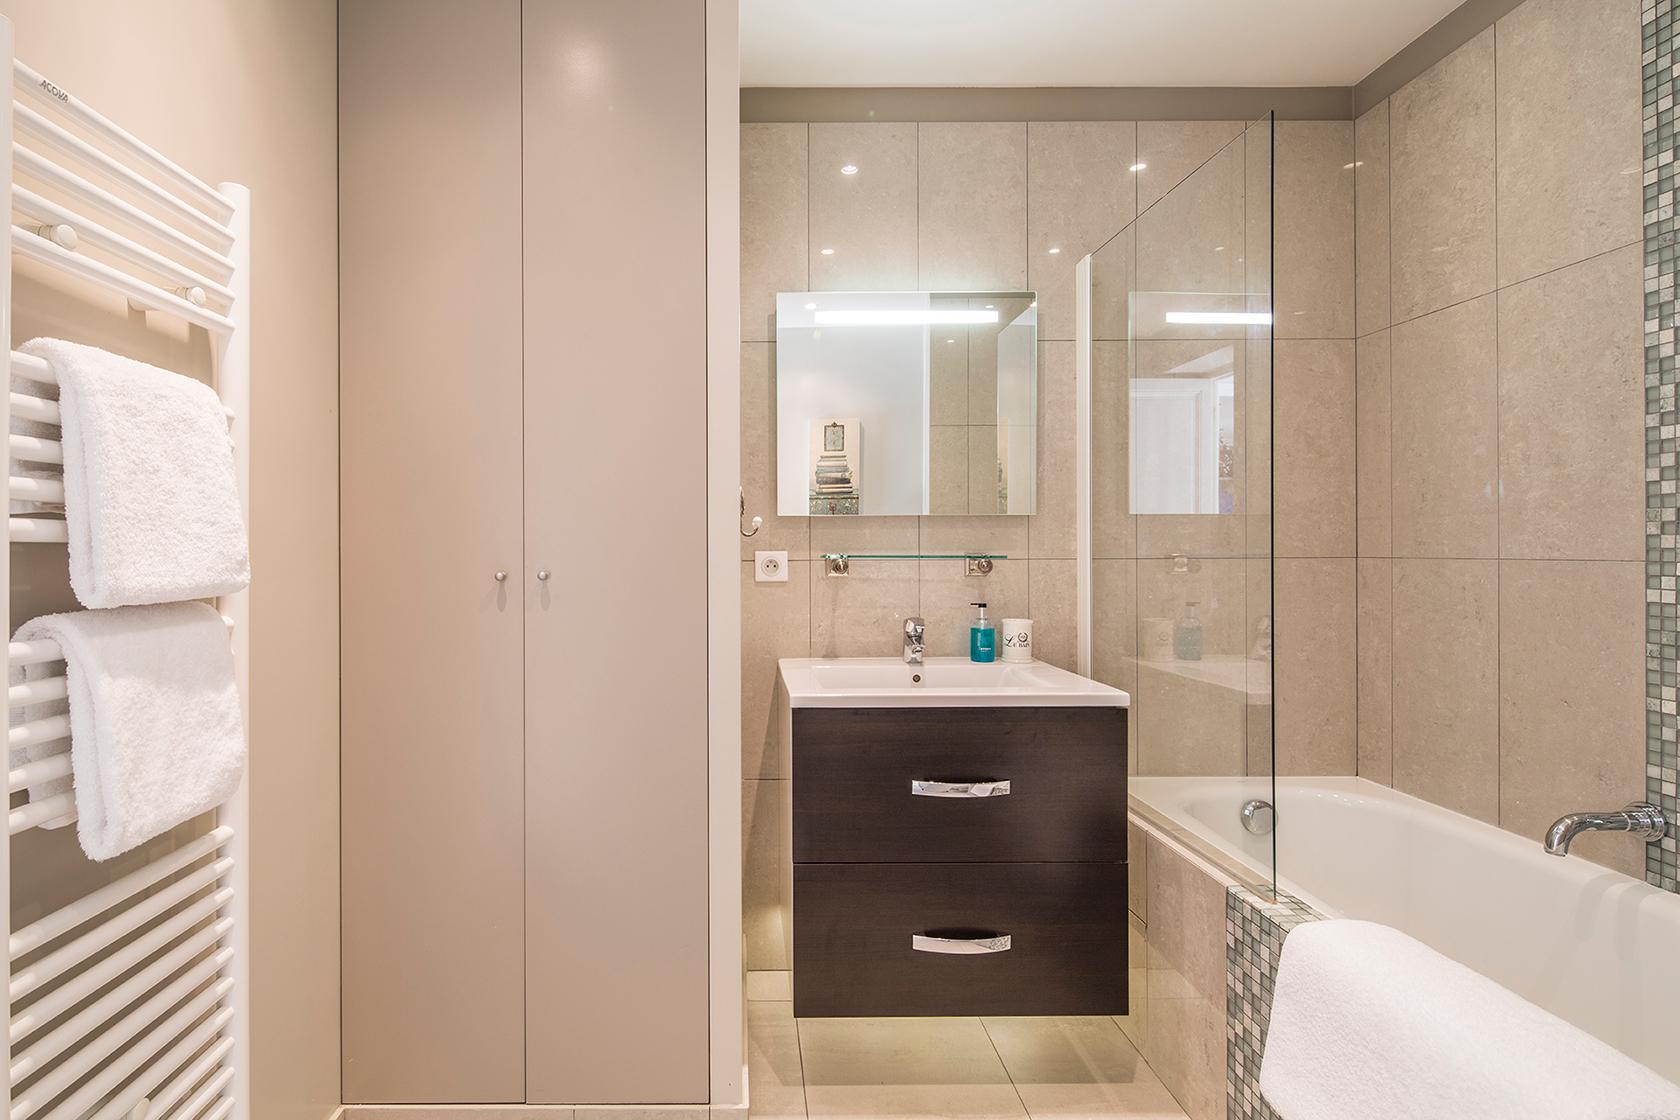 Beaujolais master bathroom before